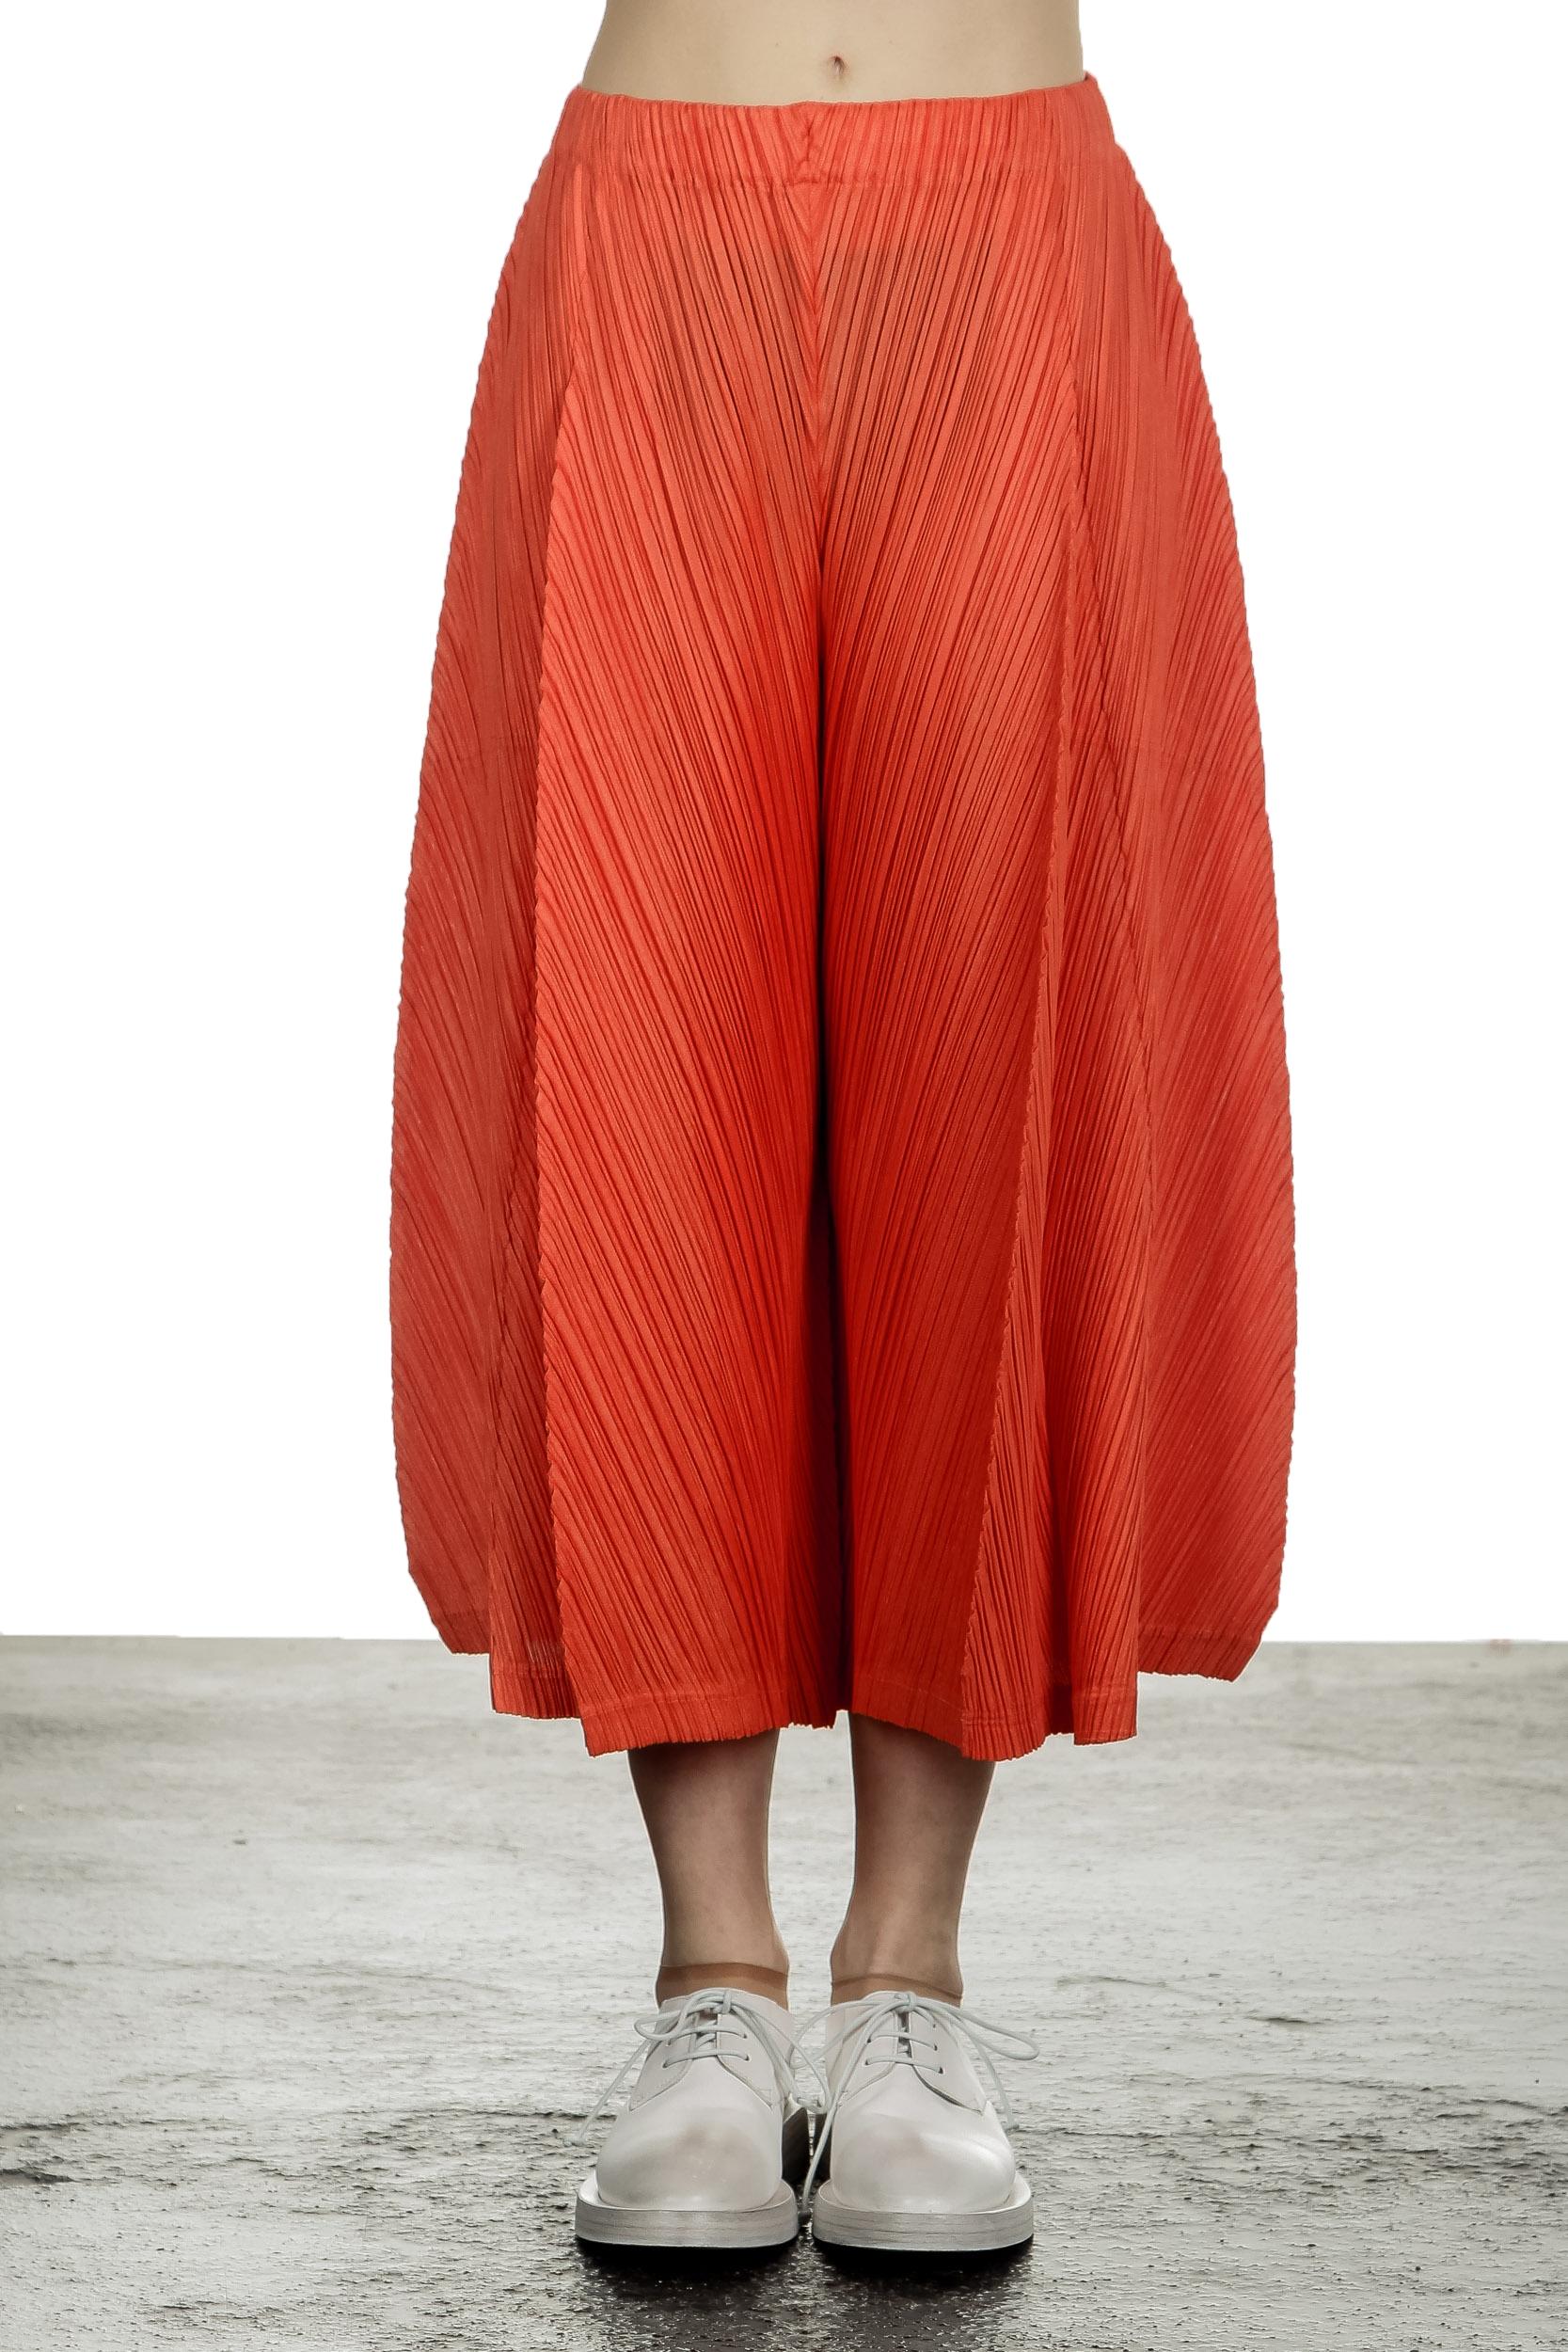 Hosen - Pleats Please Issey Miyake Damen Plissee Weite 7 8 Taillenhose orange  - Onlineshop Luxury Loft